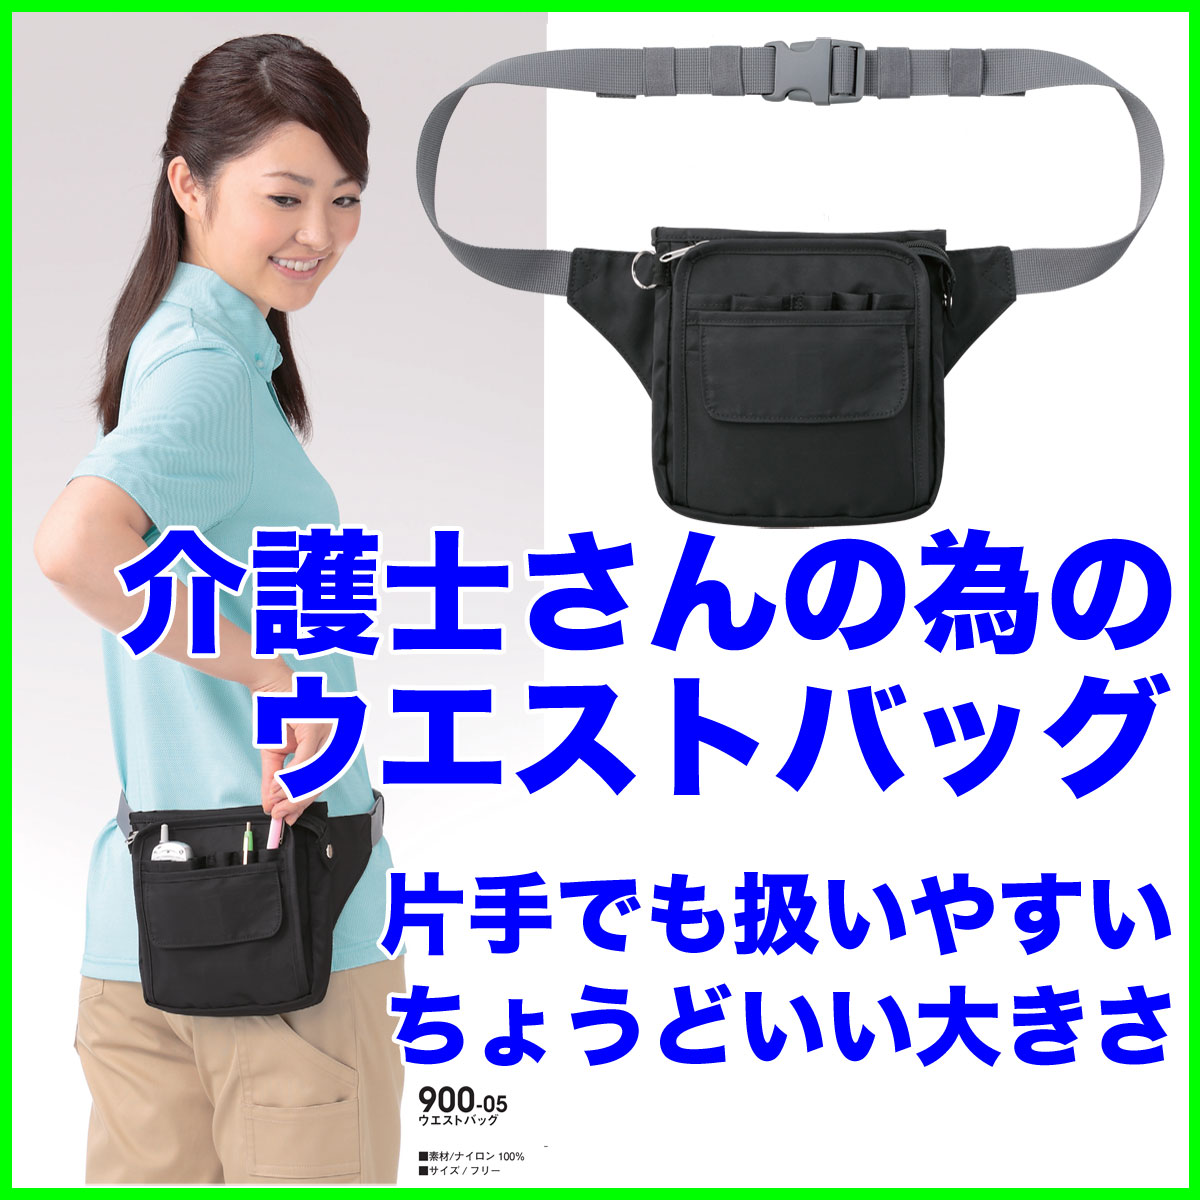 ウエストバッグ片手でも扱いやすく手頃なサイズ。介護士さんのご要望に応えました 900-05【】